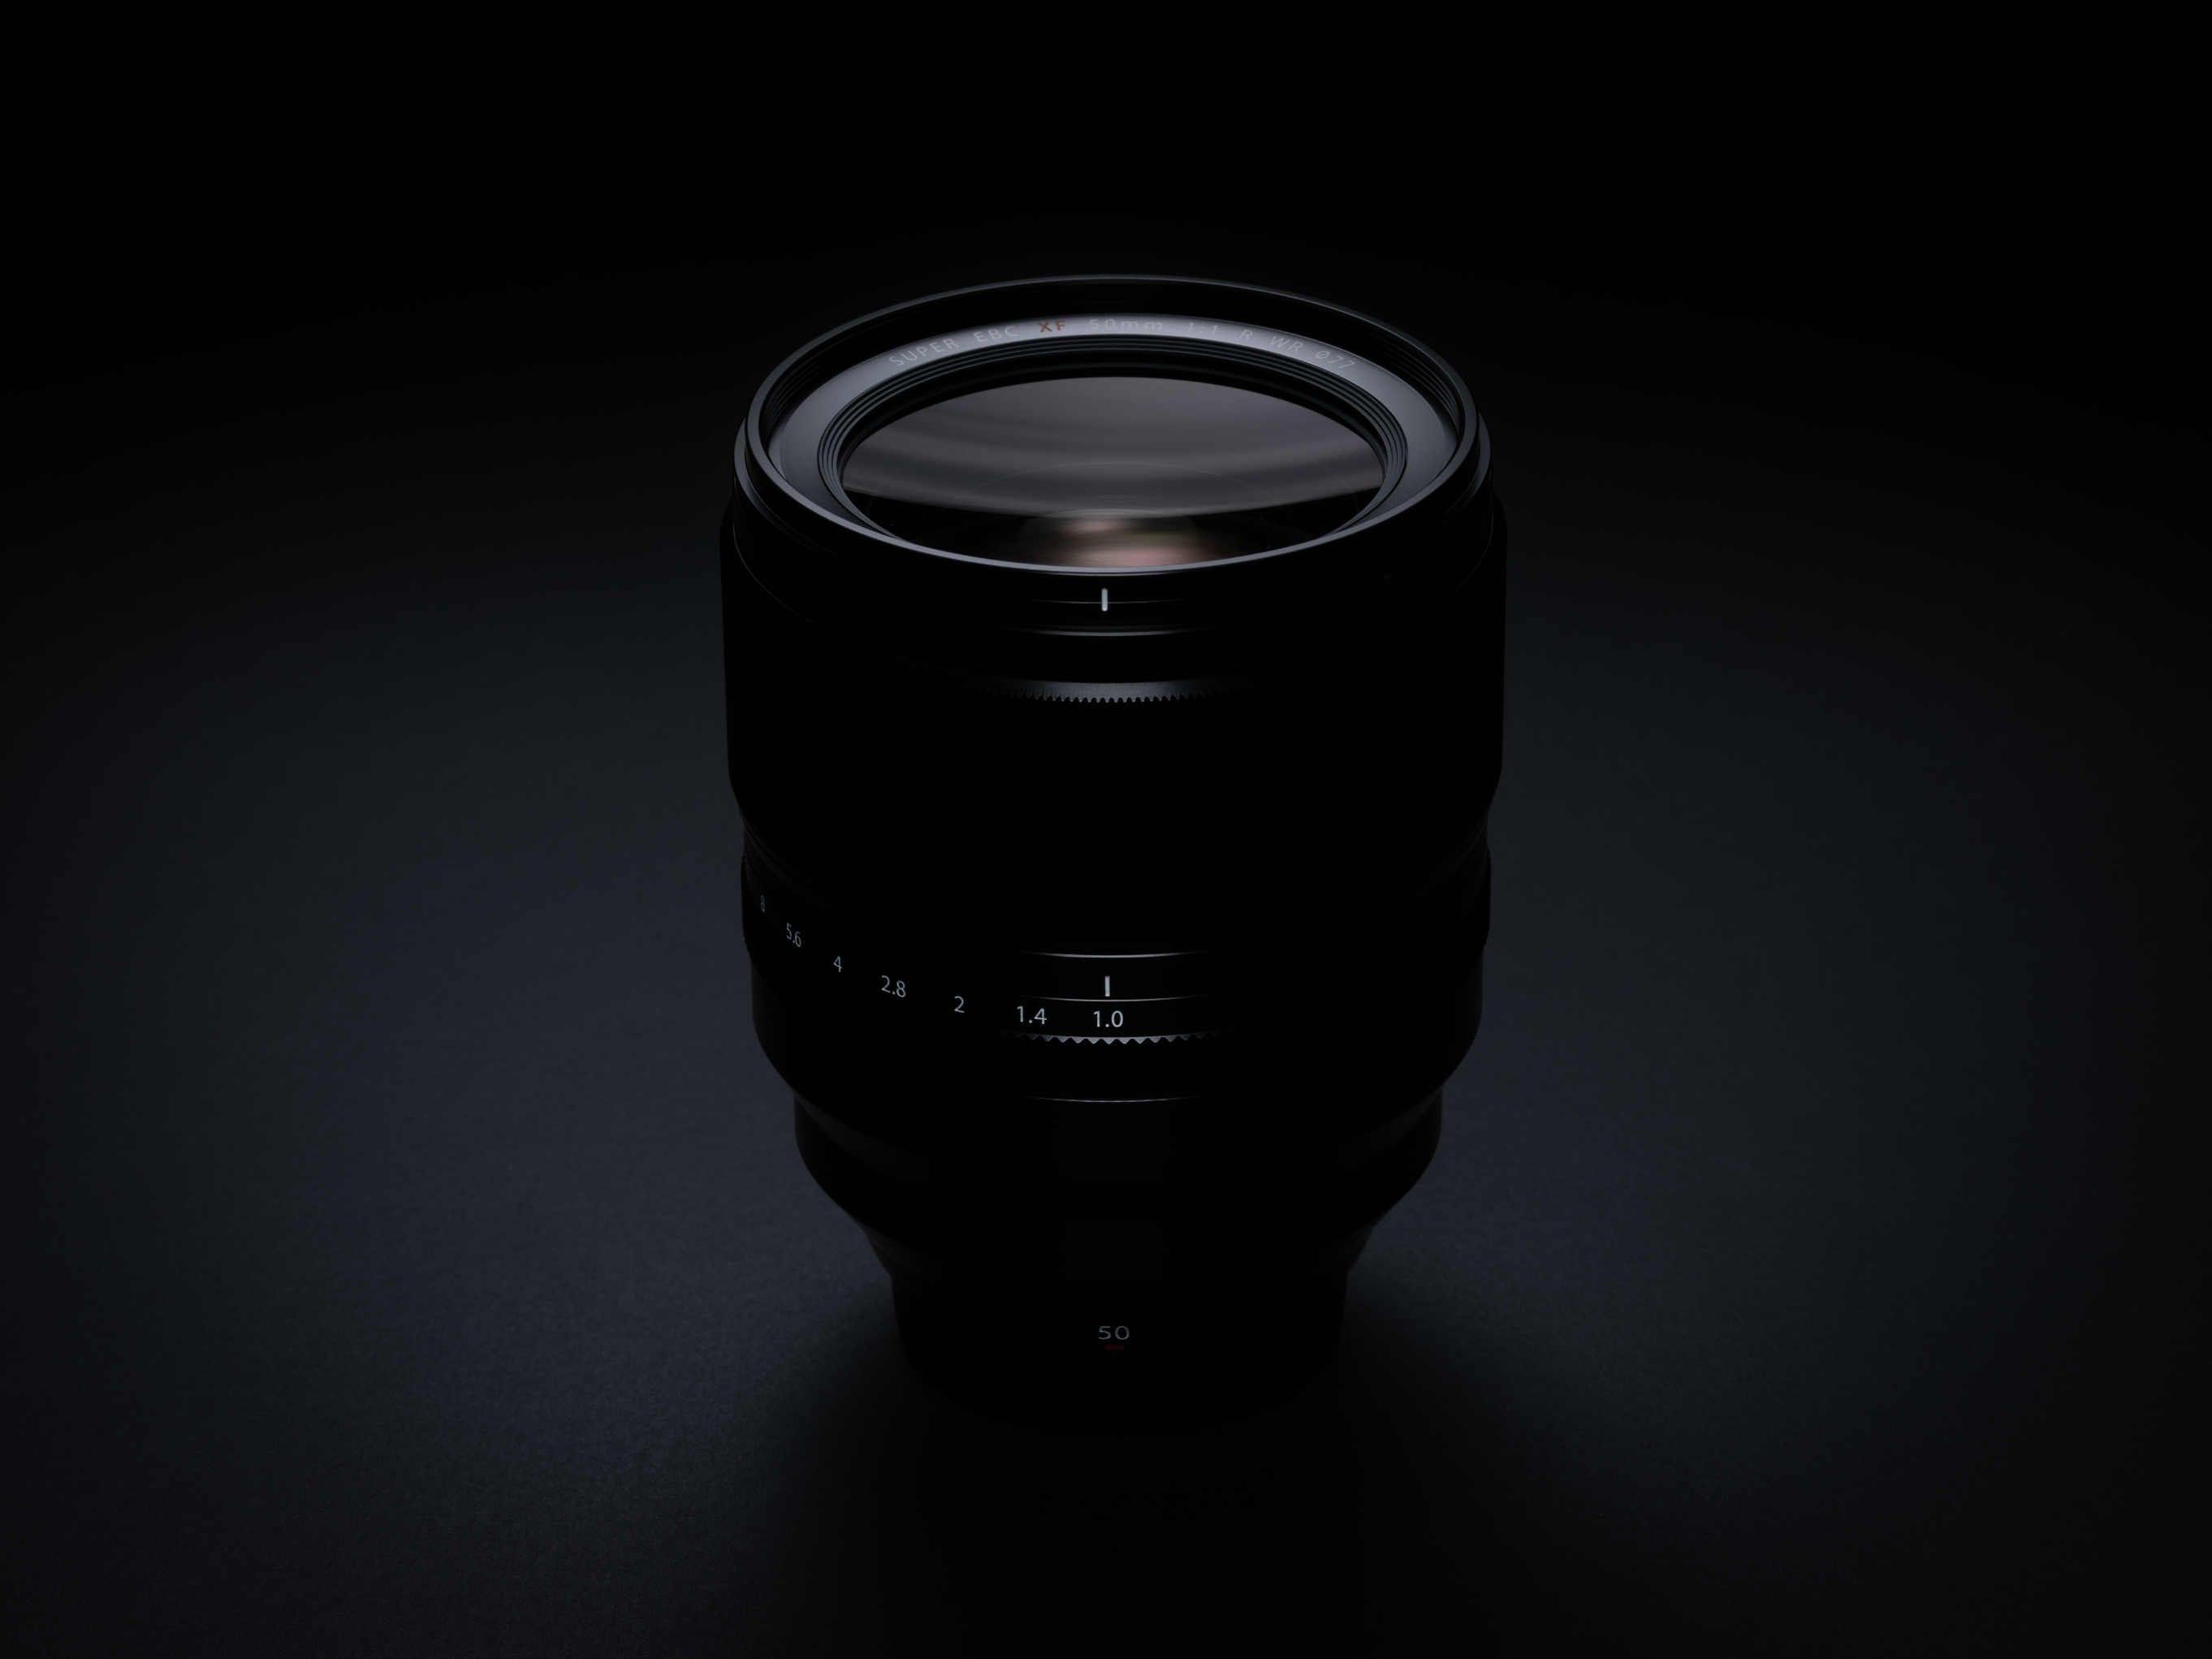 Fujifilm presenta il primo obiettivo autofocus al mondo con apertura F1.0, il Fujinon XF50mm F1.0 R WR